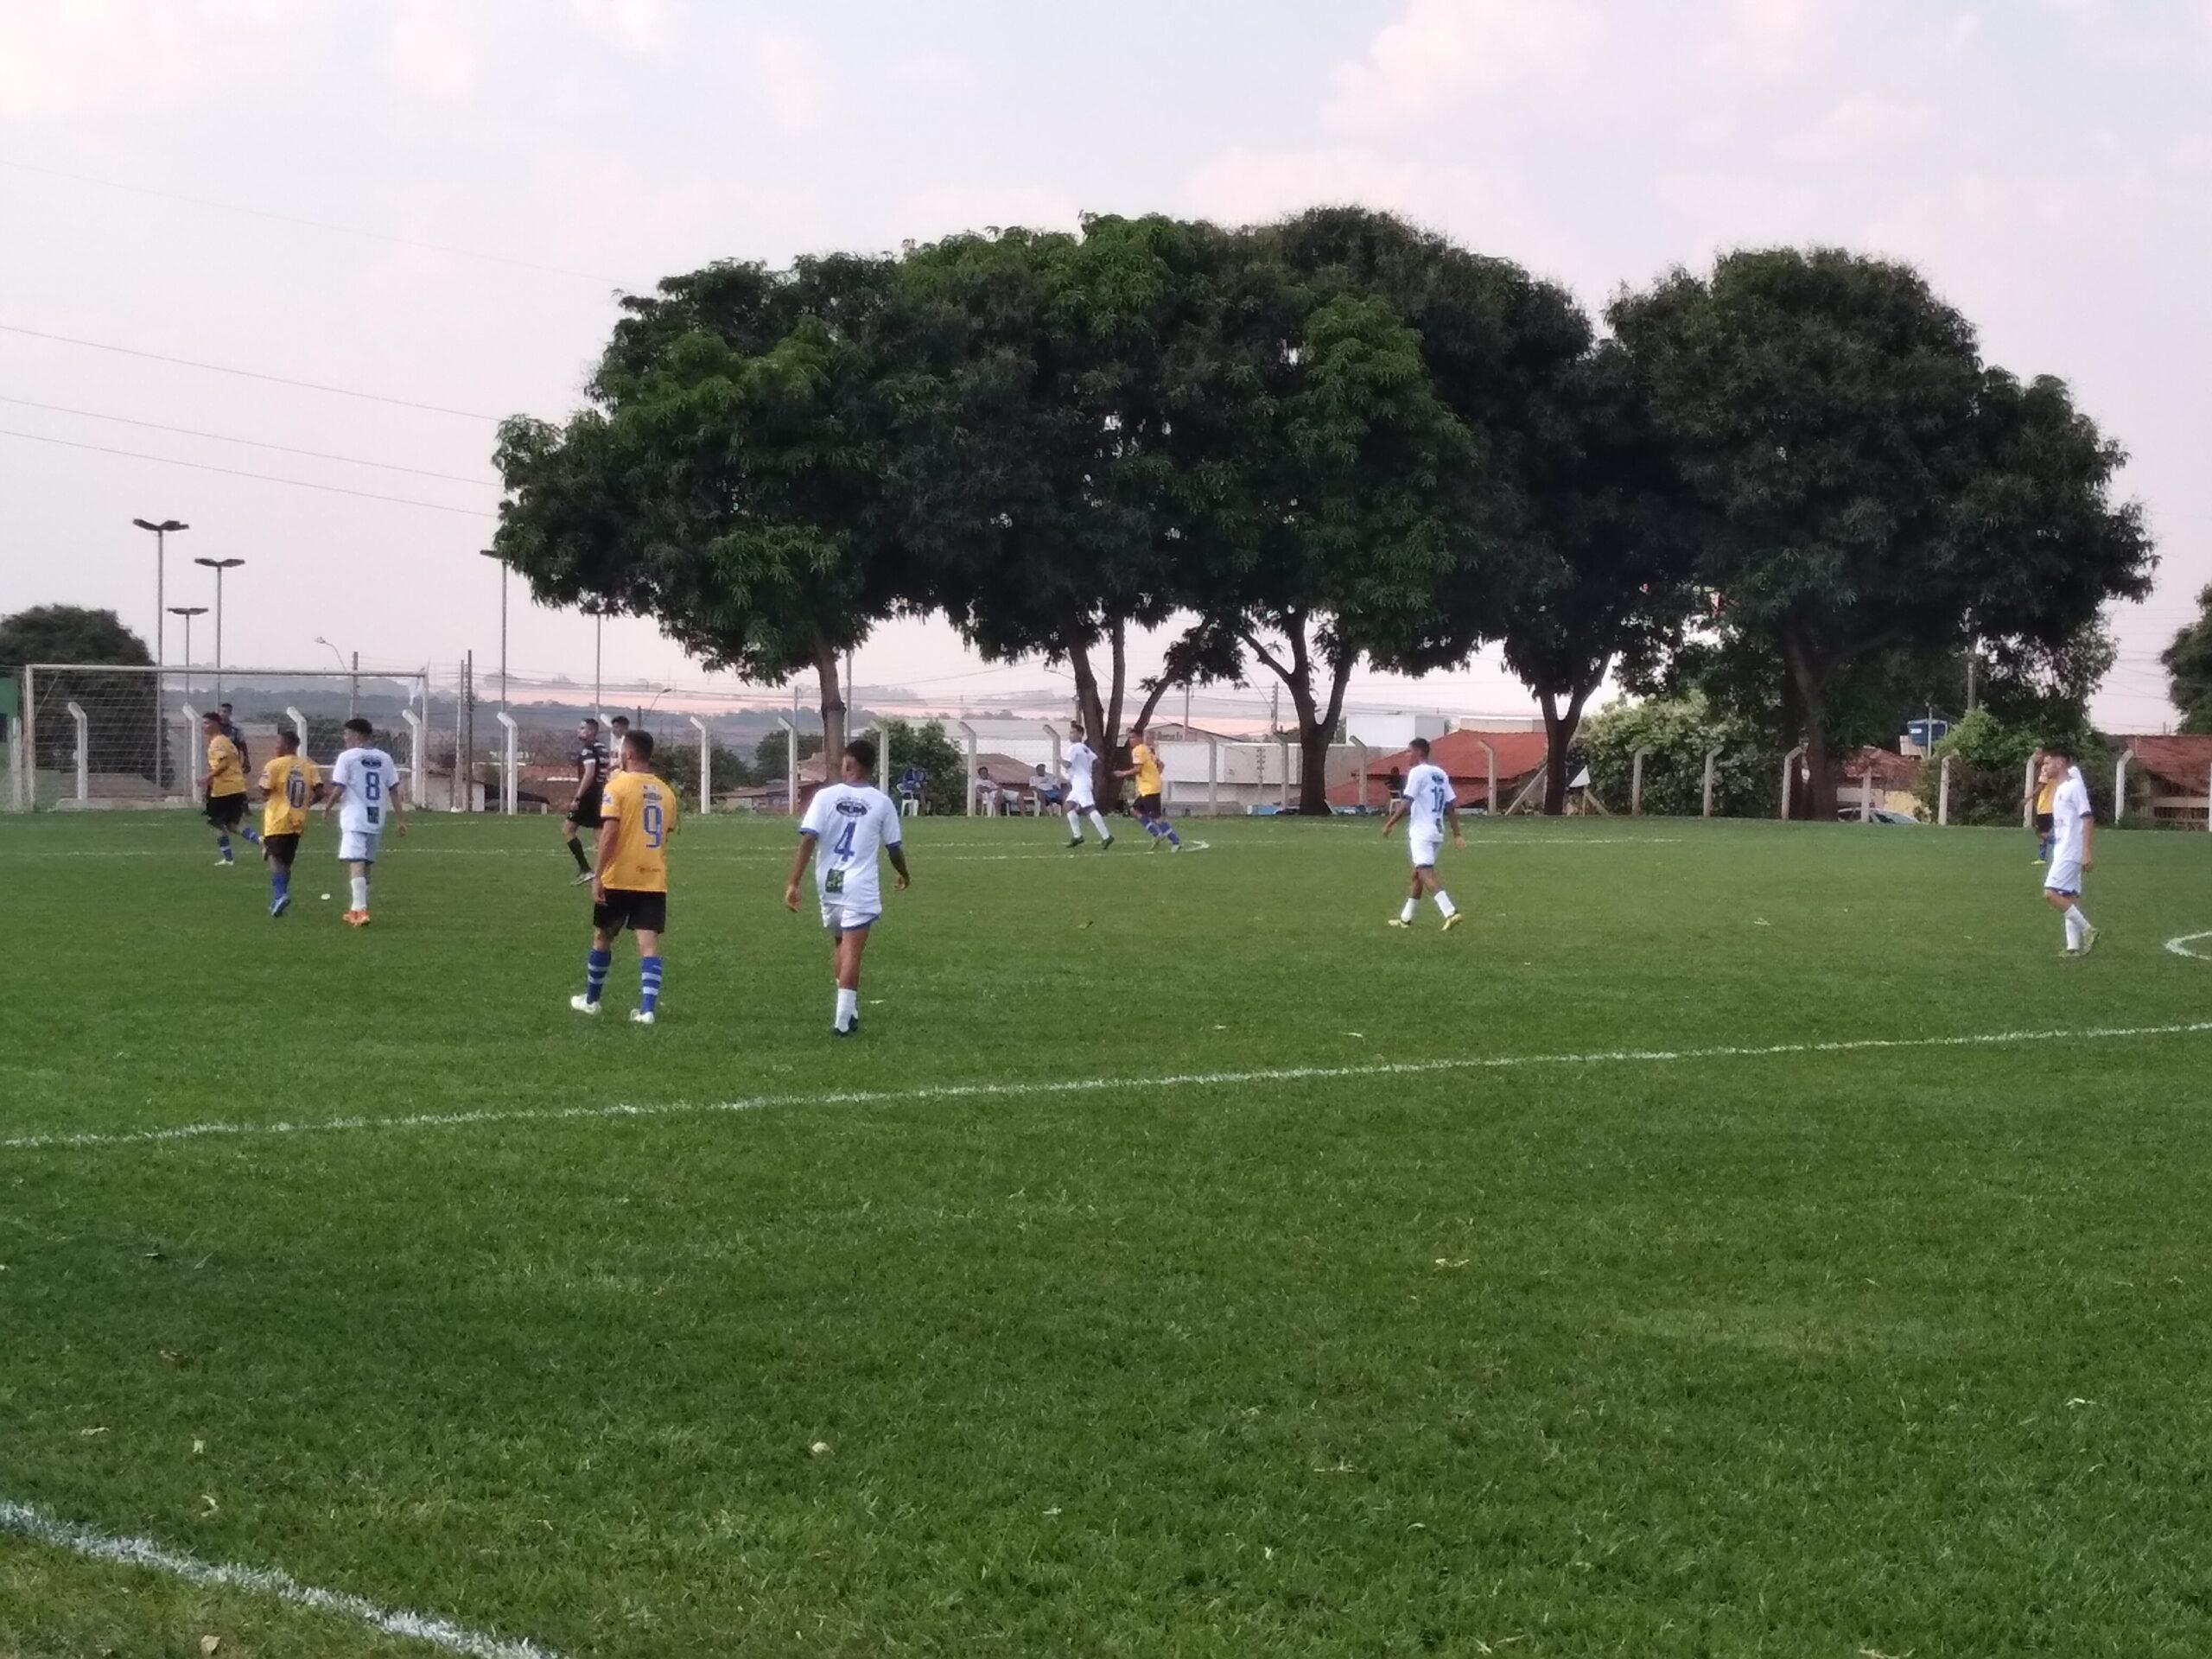 Independente estreia com vitória no Goiano Sub-20 da segunda divisão